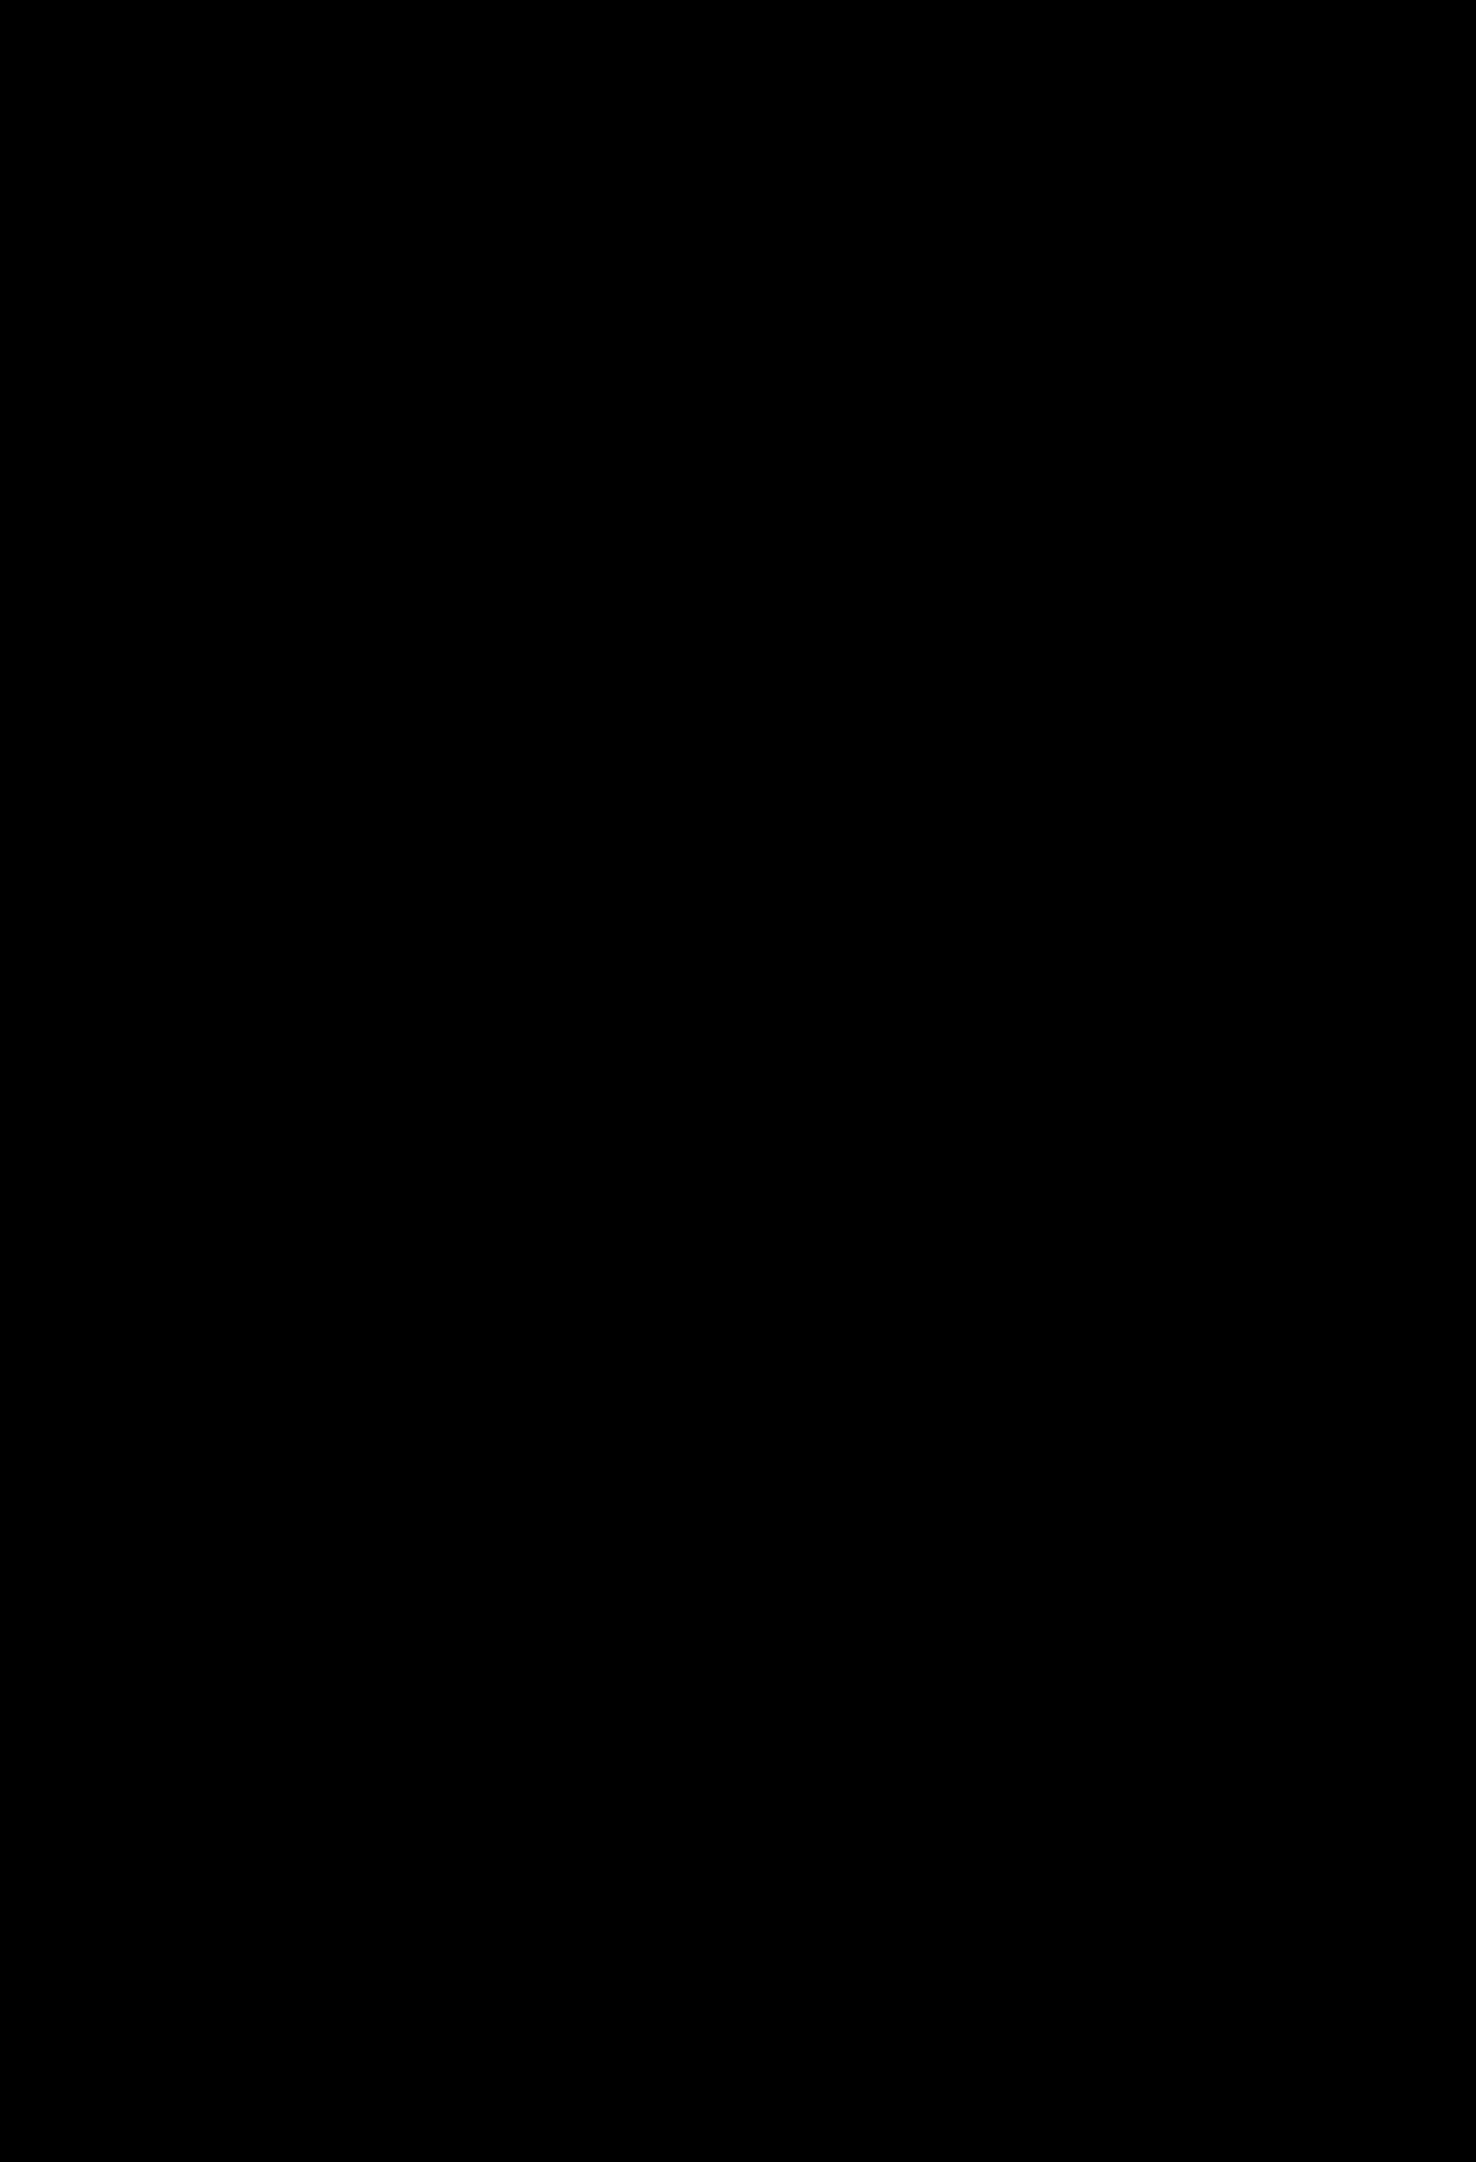 Cartouche-BlackOnTransparent.png